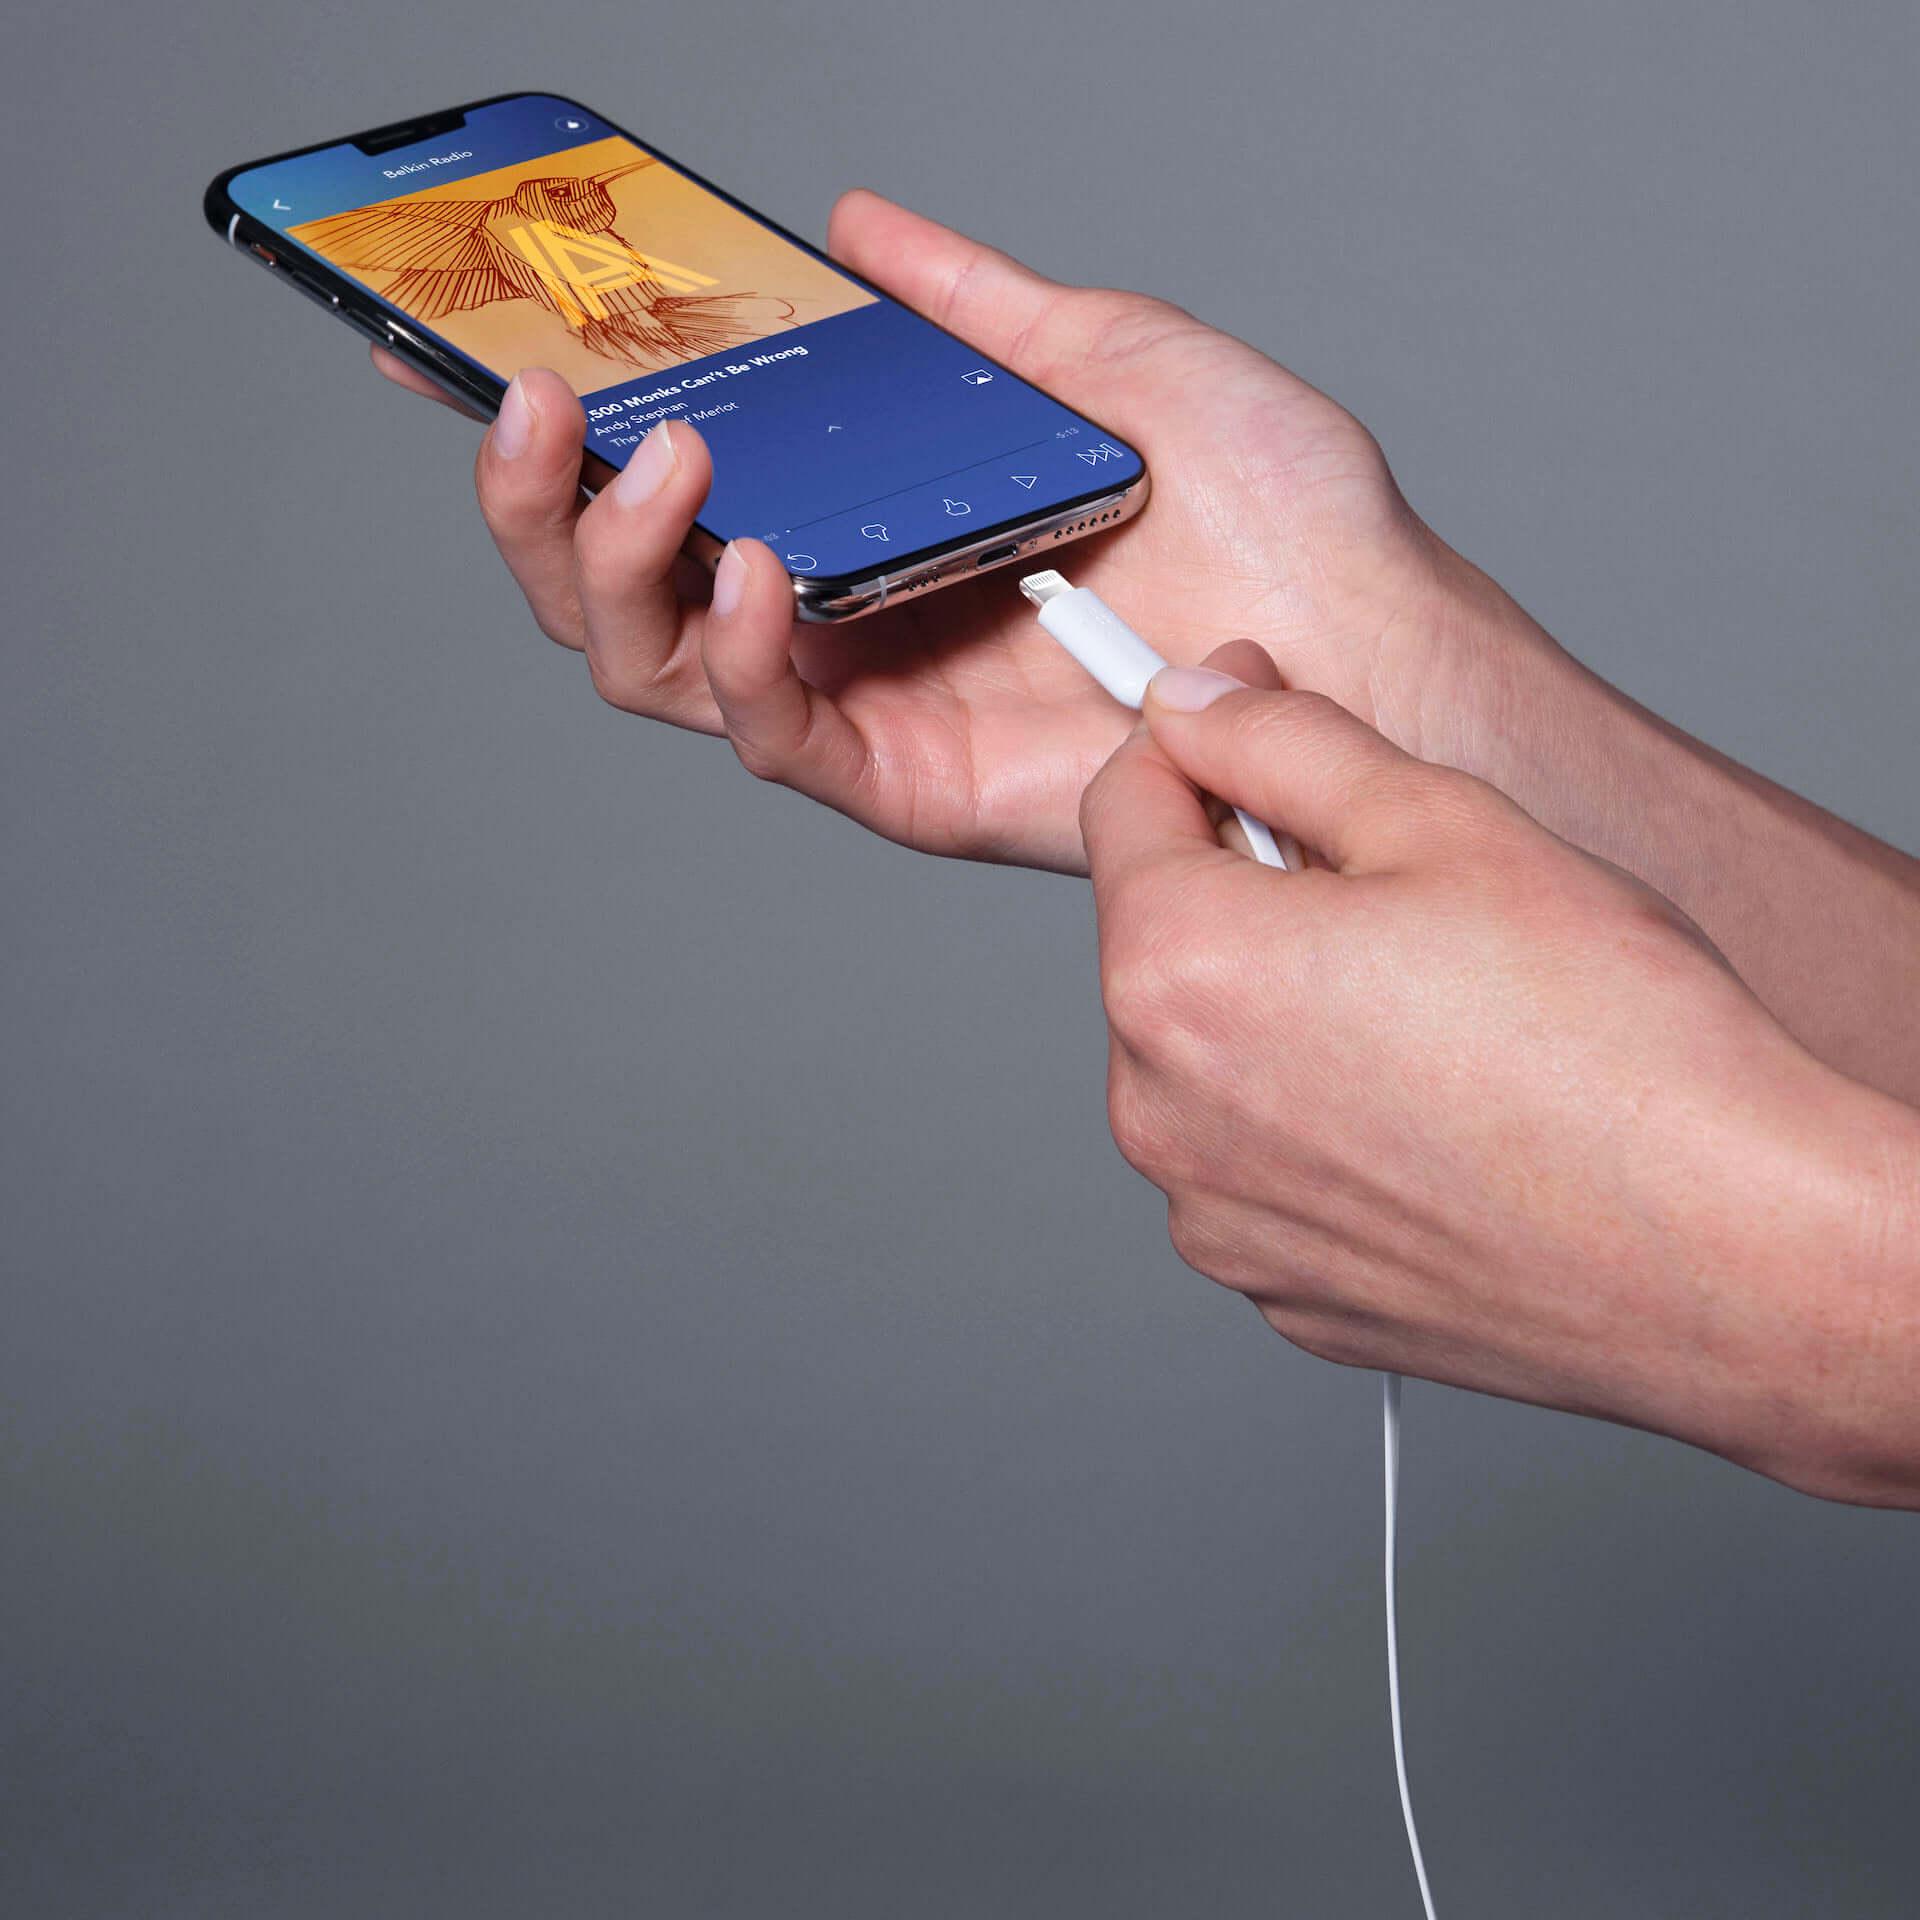 断線に強く、絡まりにくいBelkin「ROCKSTAR™️ Lightning コネクタ付きイヤフォン」が登場|先着30名に30%オフクーポンも technology190819rockstar_2-1920x1920